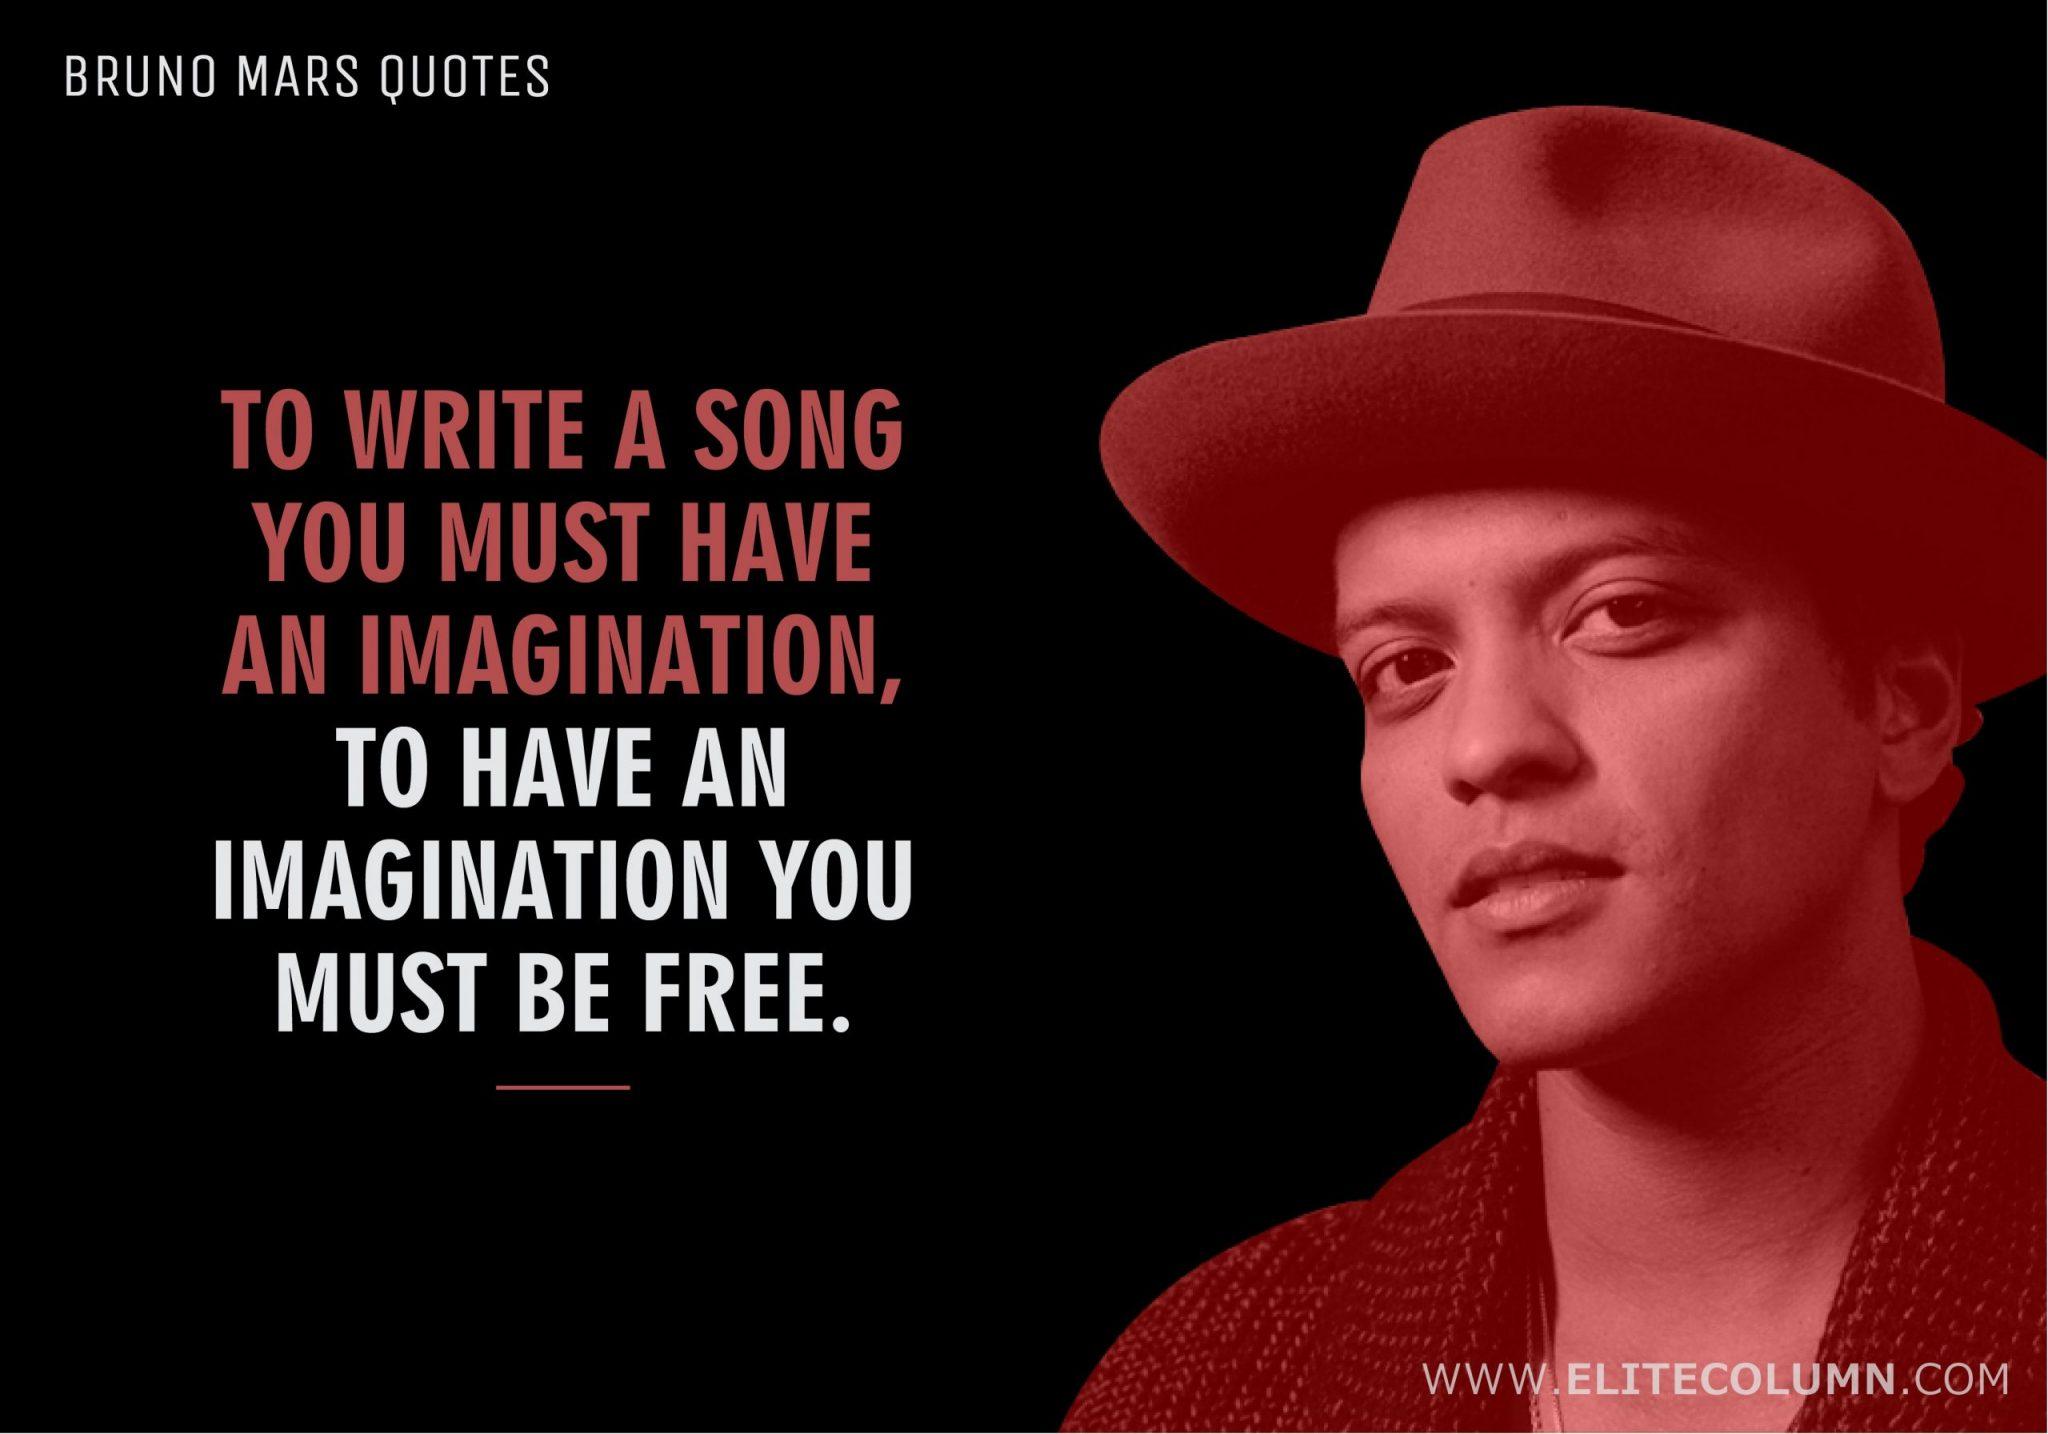 Bruno Mars Quotes (1)